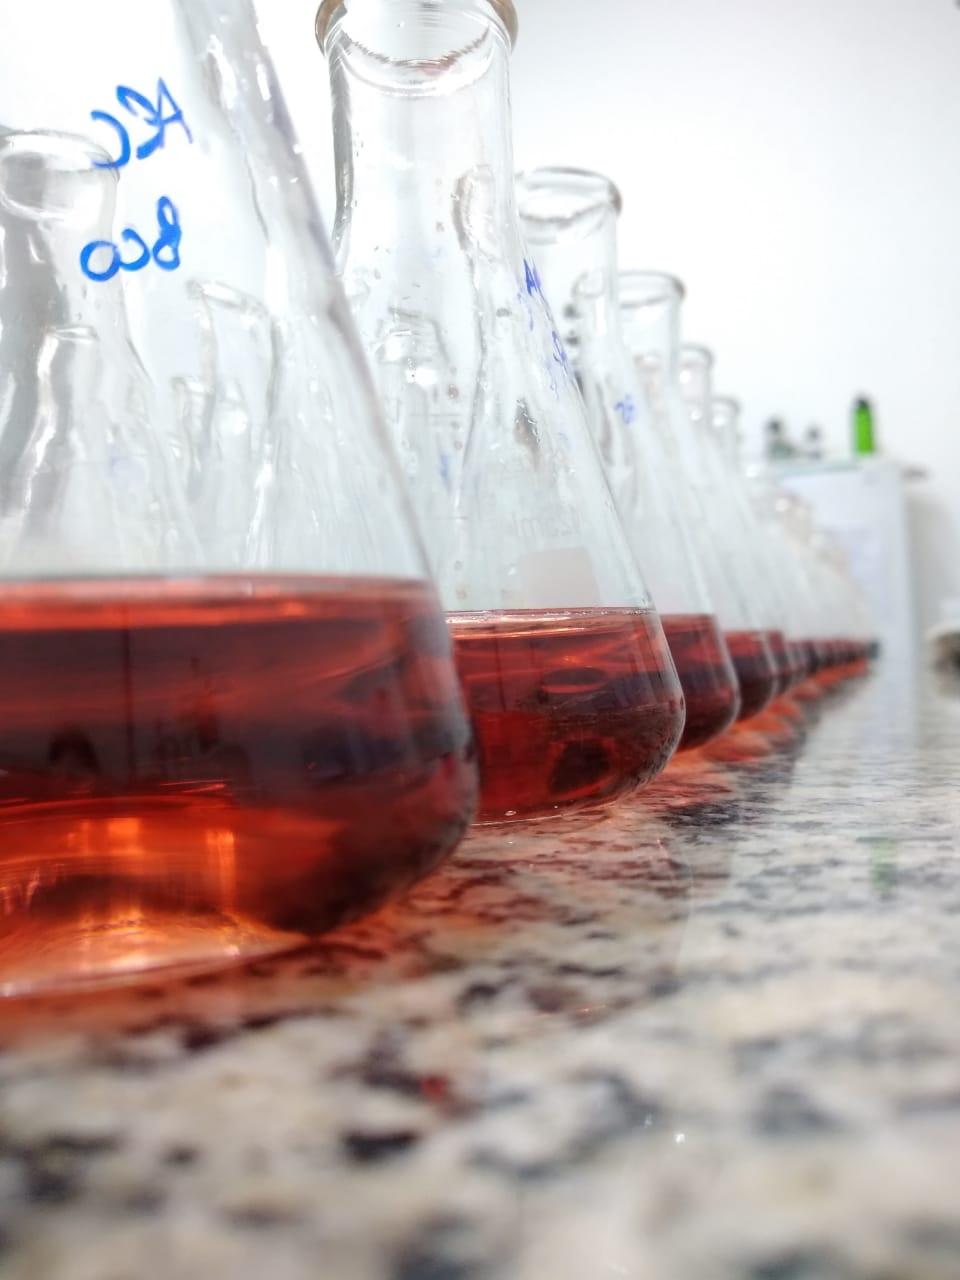 laboratório de análise de água em Minas Gerais - 1